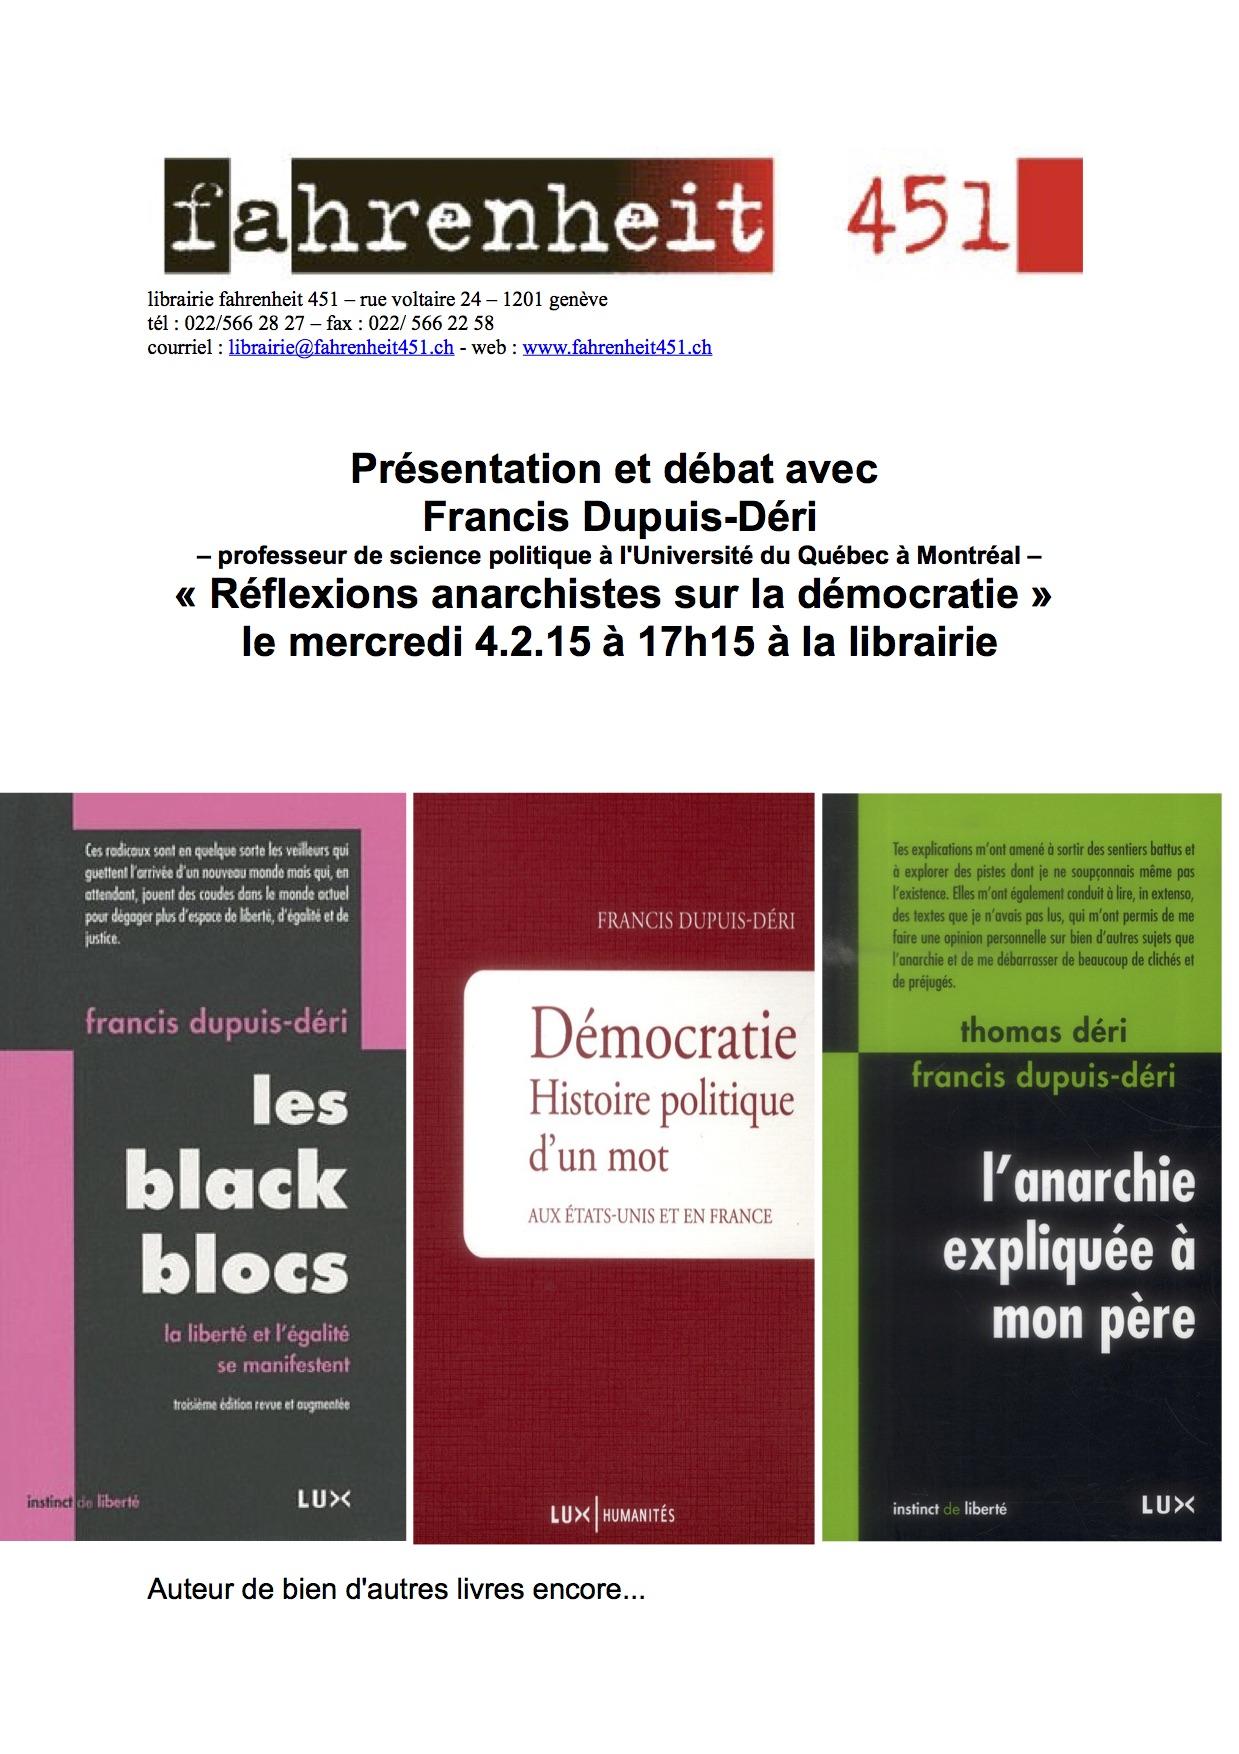 Présentation Dupuis-Déri